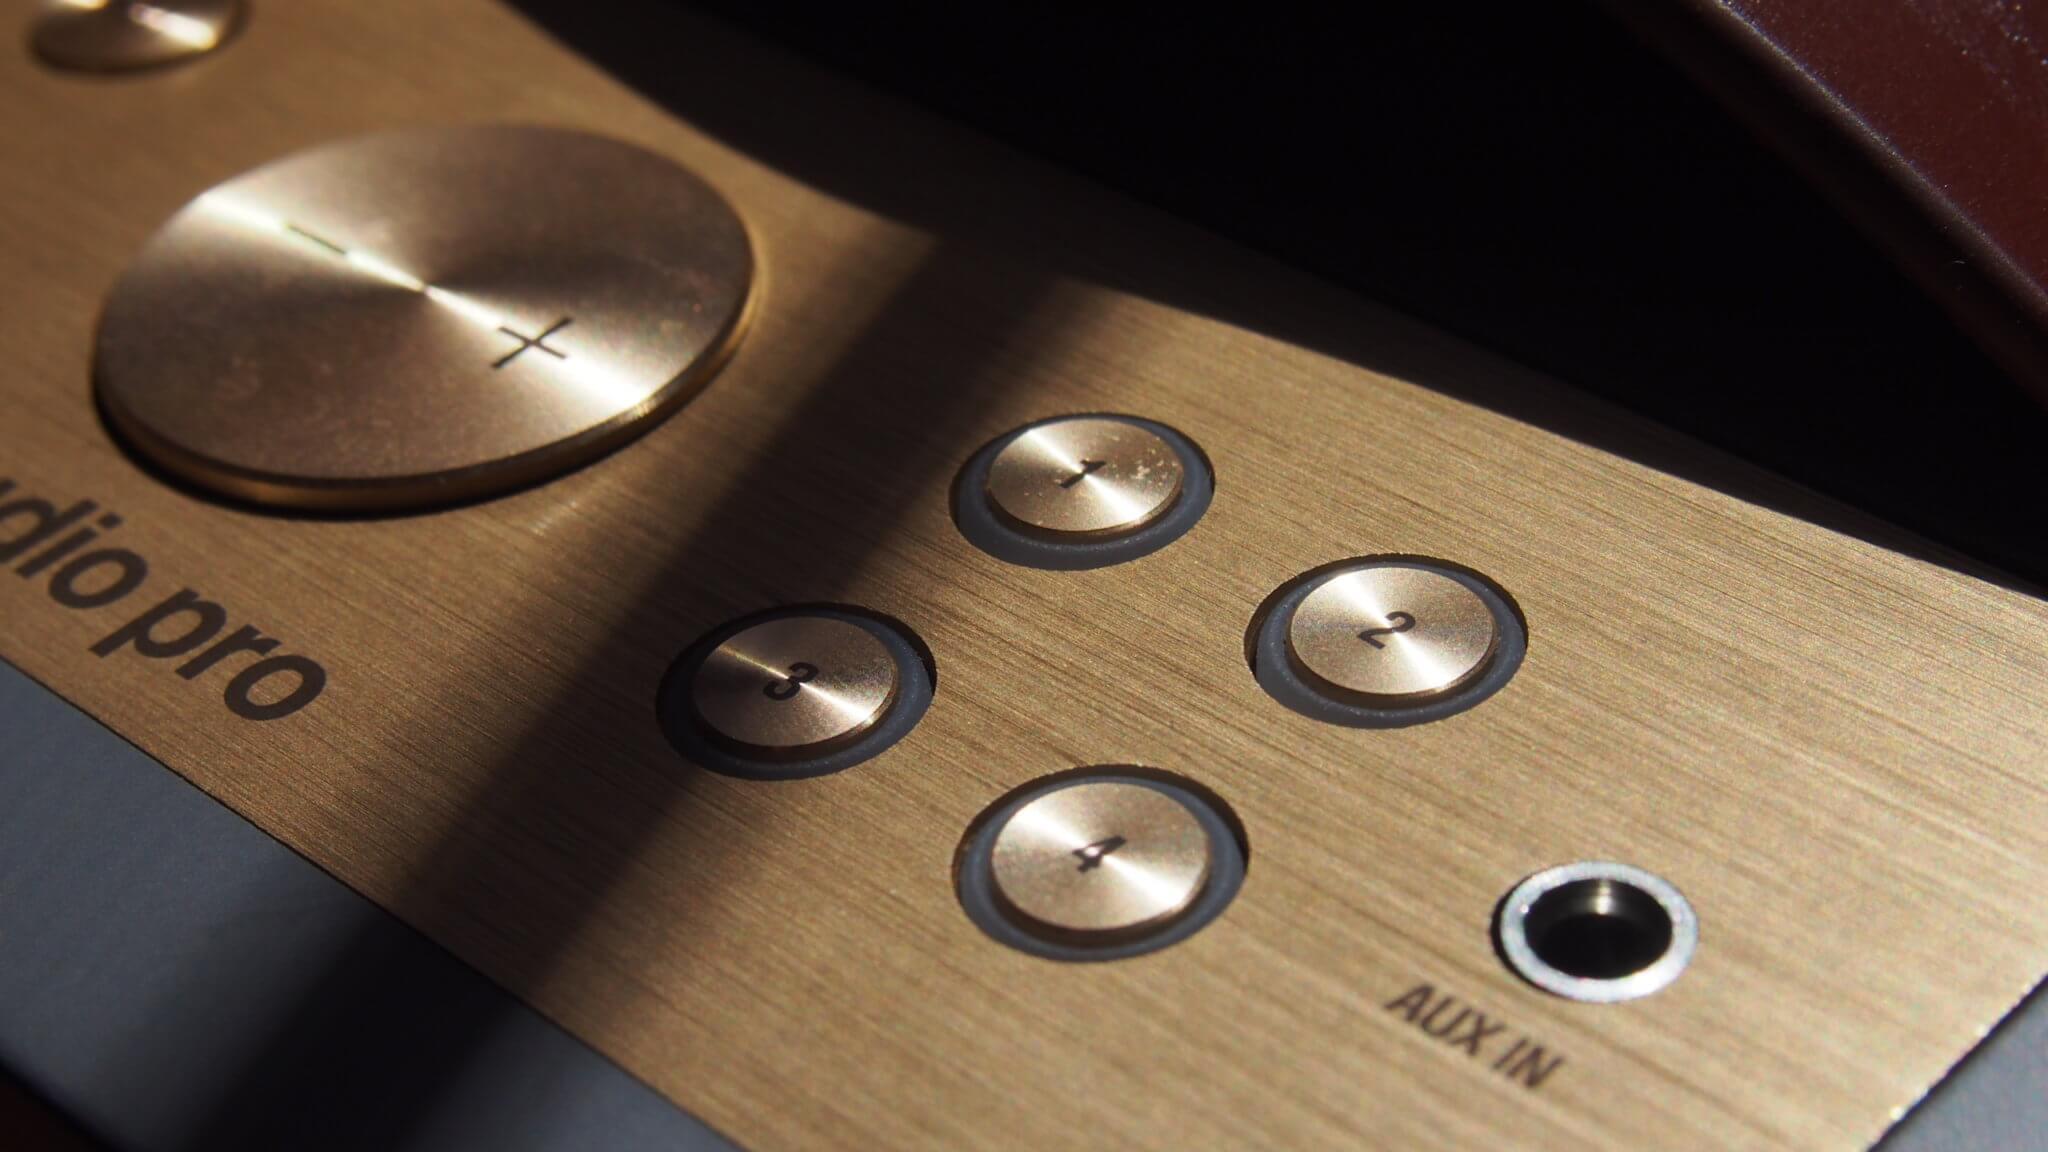 כפתורי קיצור דרך ברמקולים אלחוטיים מסוג אודיו פרו C5A